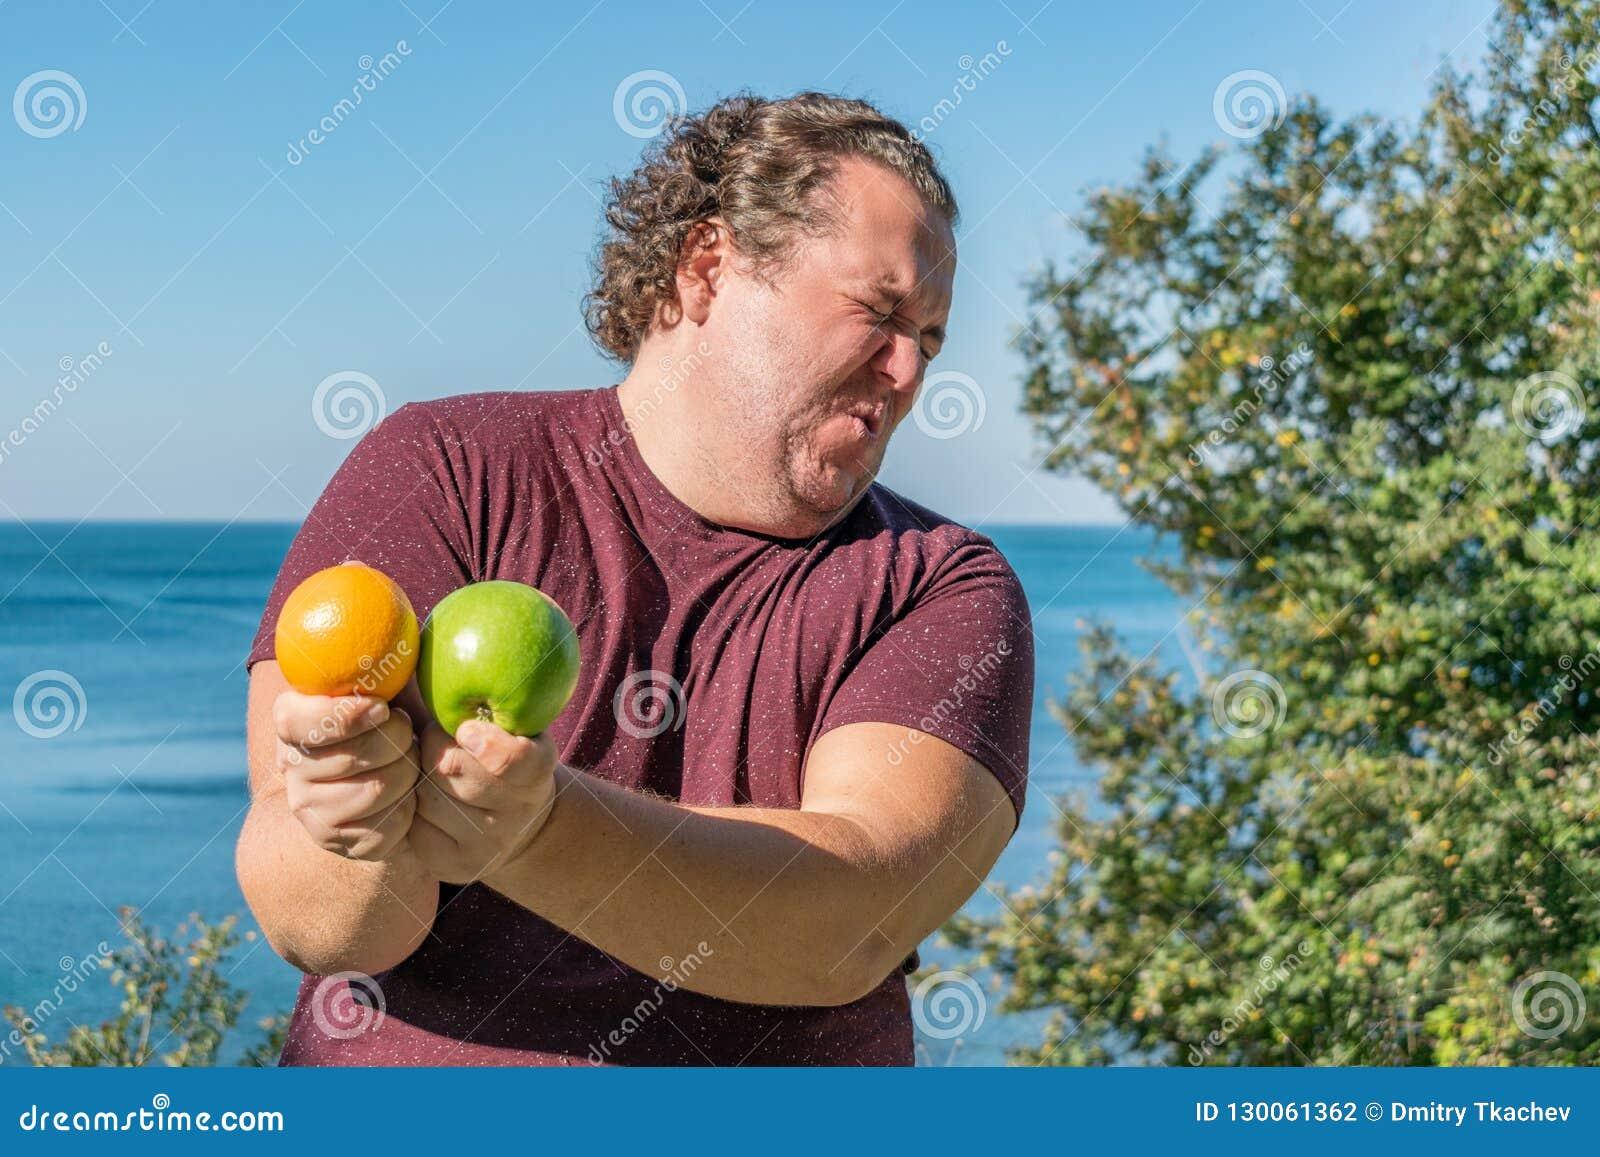 Lustiger dicker Mann auf dem Ozean Früchte essend Ferien, Gewichtsverlust und gesunde Ernährung